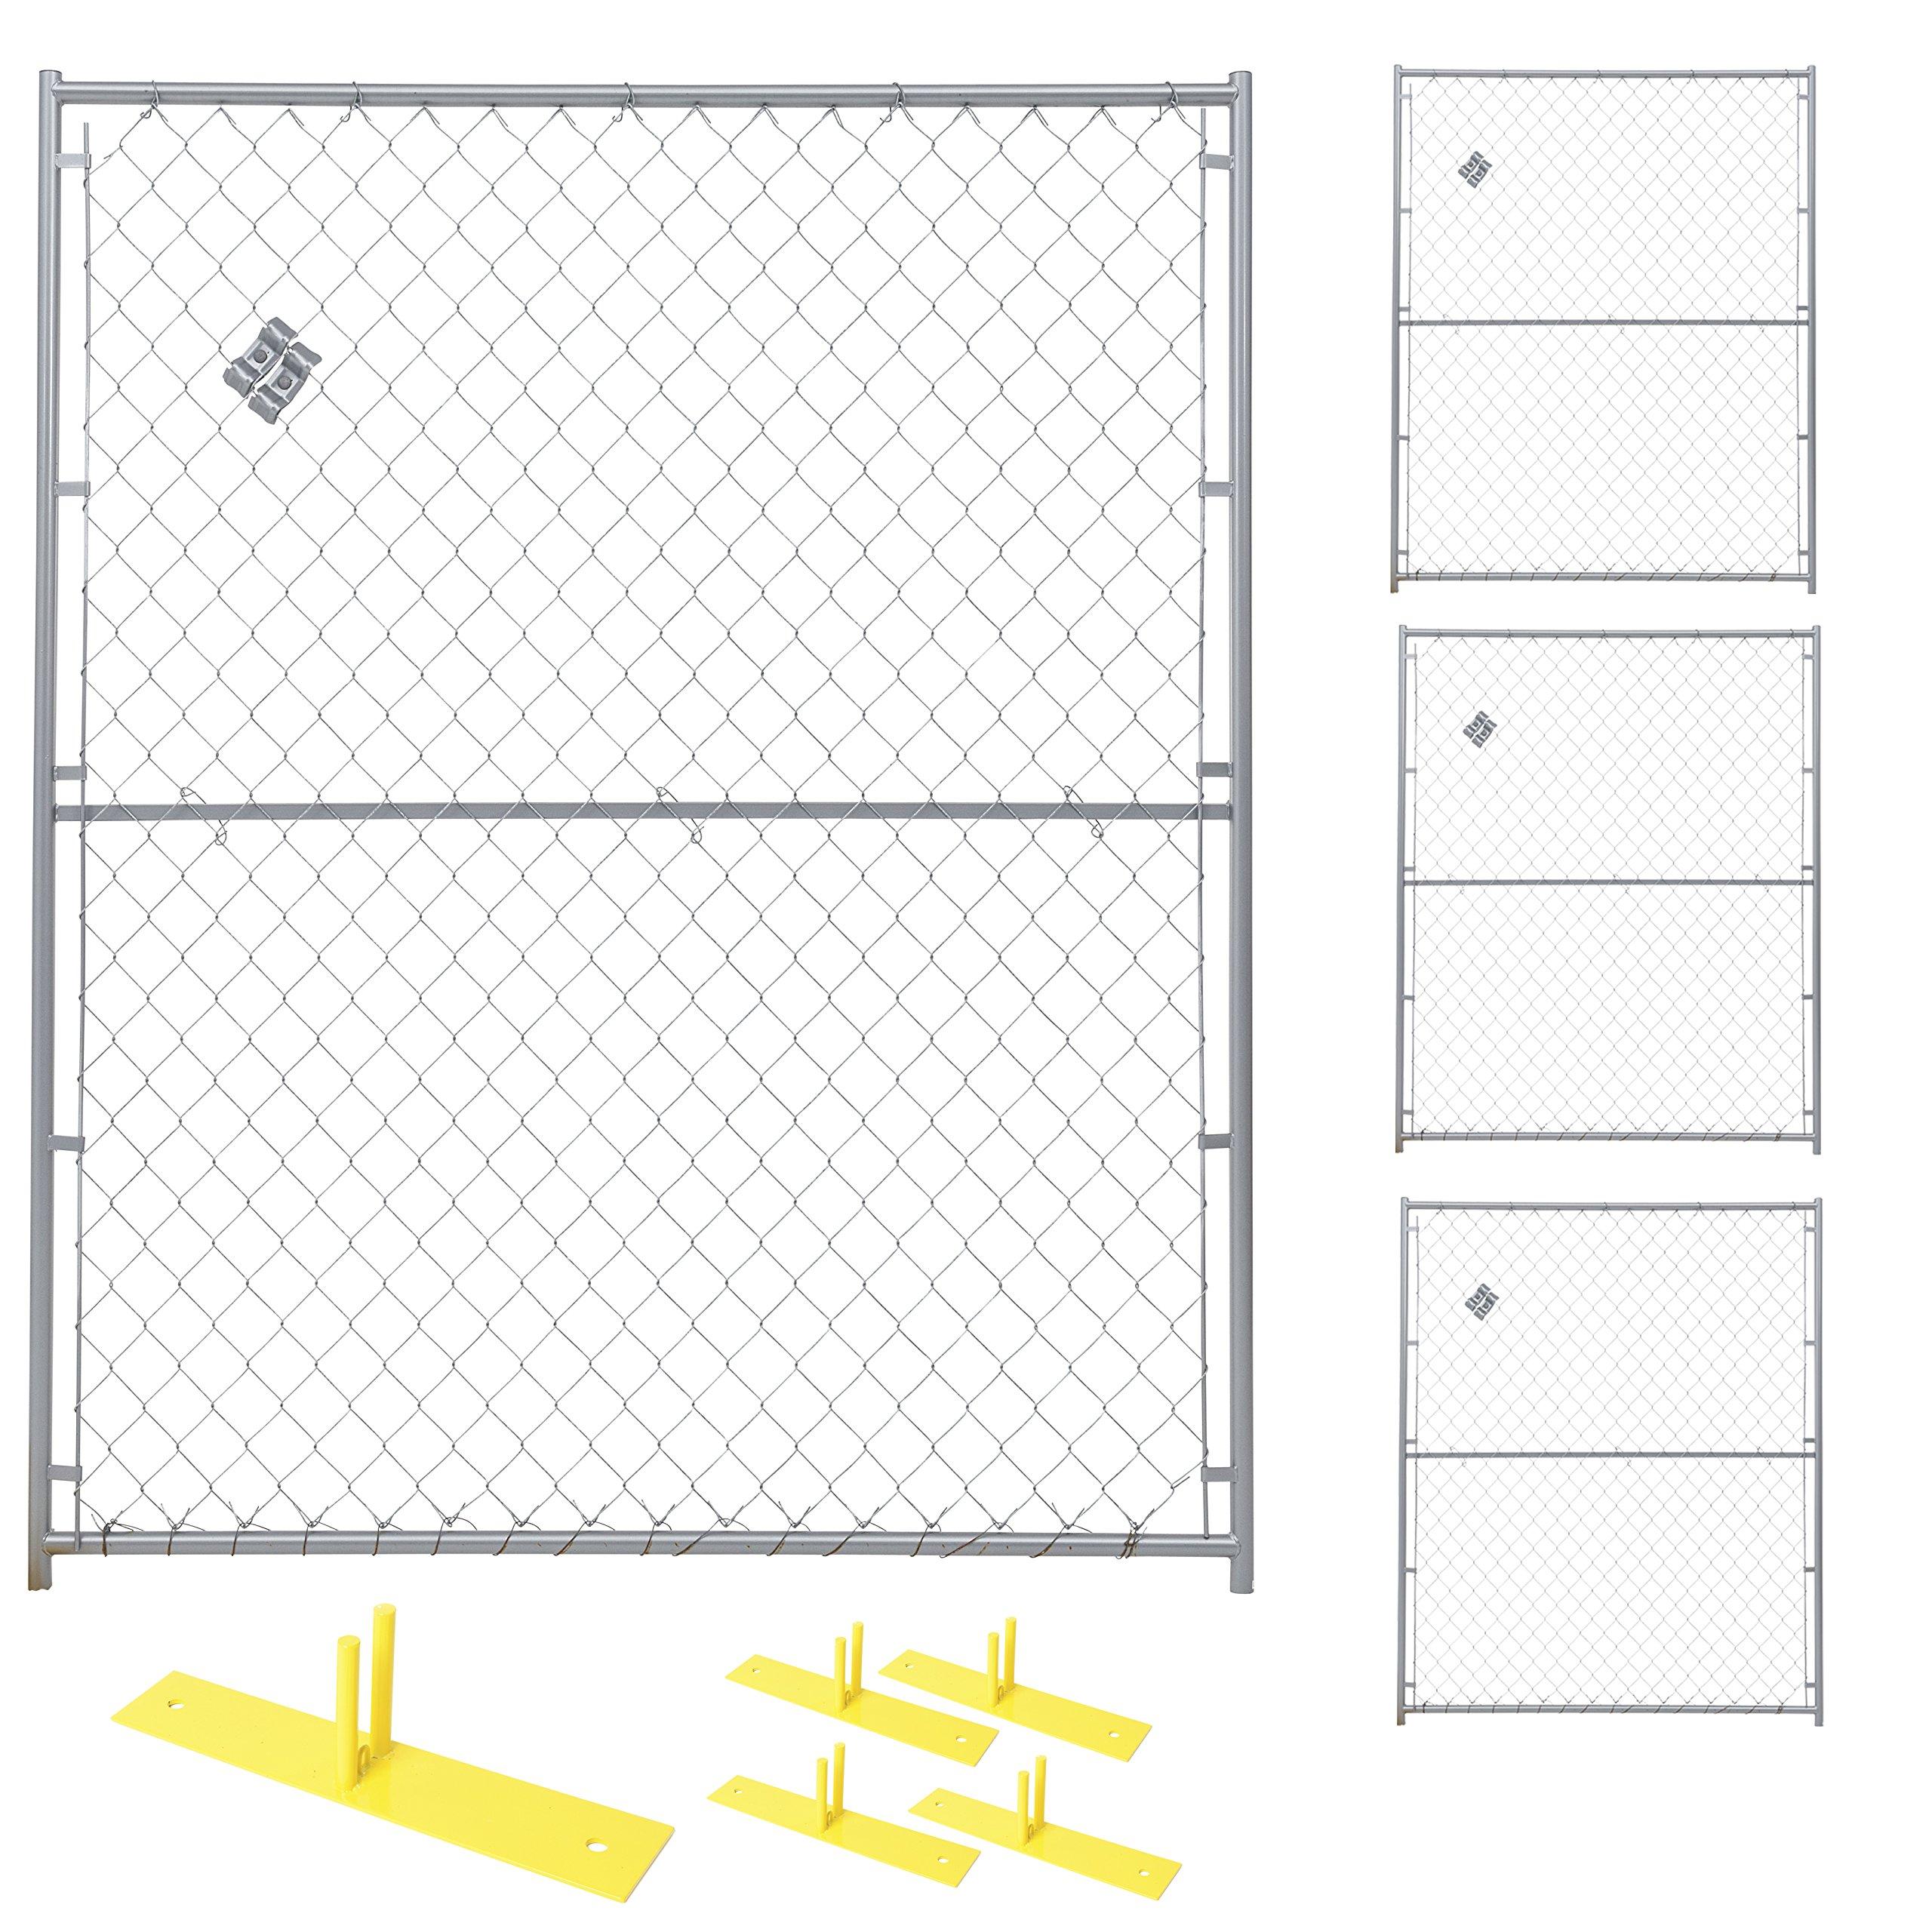 4 Panel Perimeter Patrol Kit